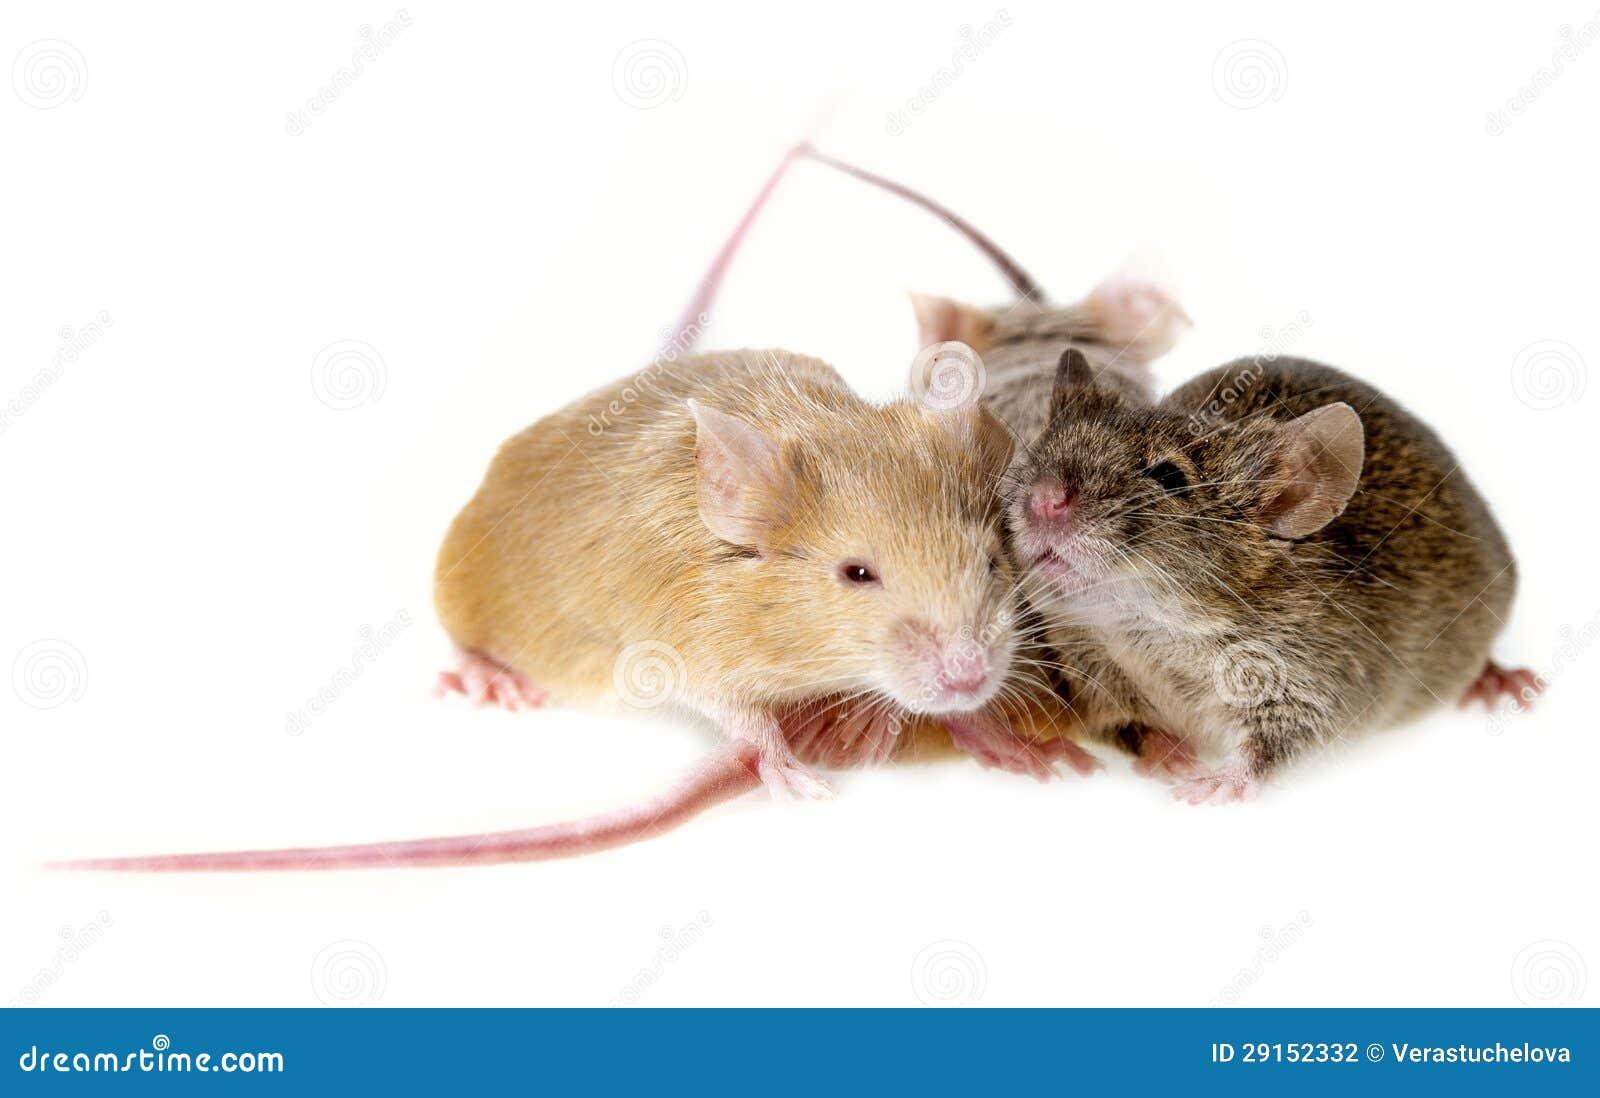 Drei Mäuse stockfoto. Bild von tier, mäuse, inländisch - 29152332